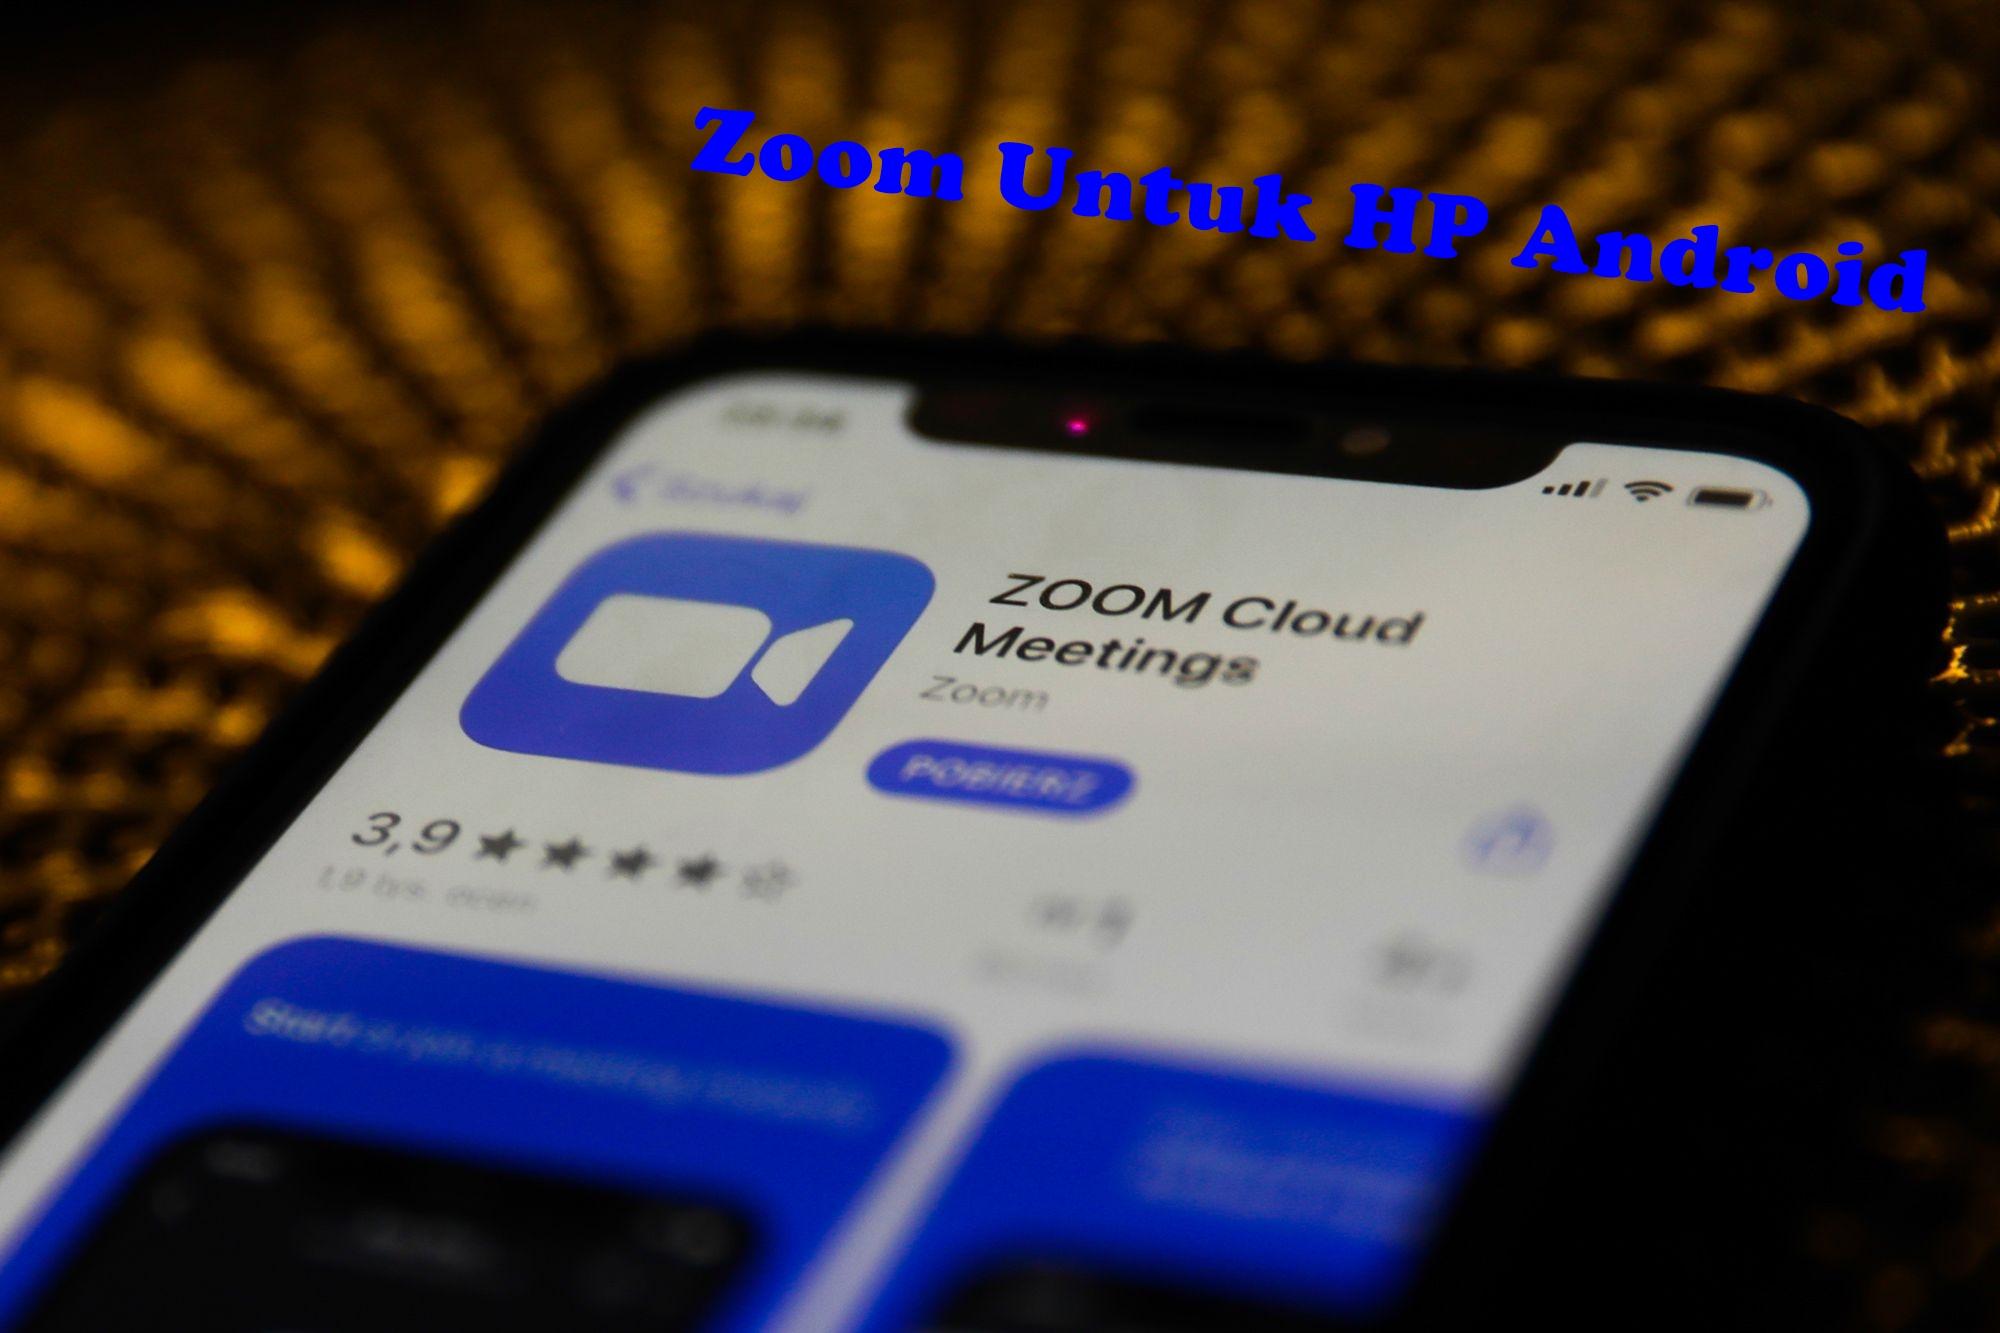 Cara Menggunakan Fitur Aplikasi Zoom Untuk Peserta Meeting Room Di HP Android